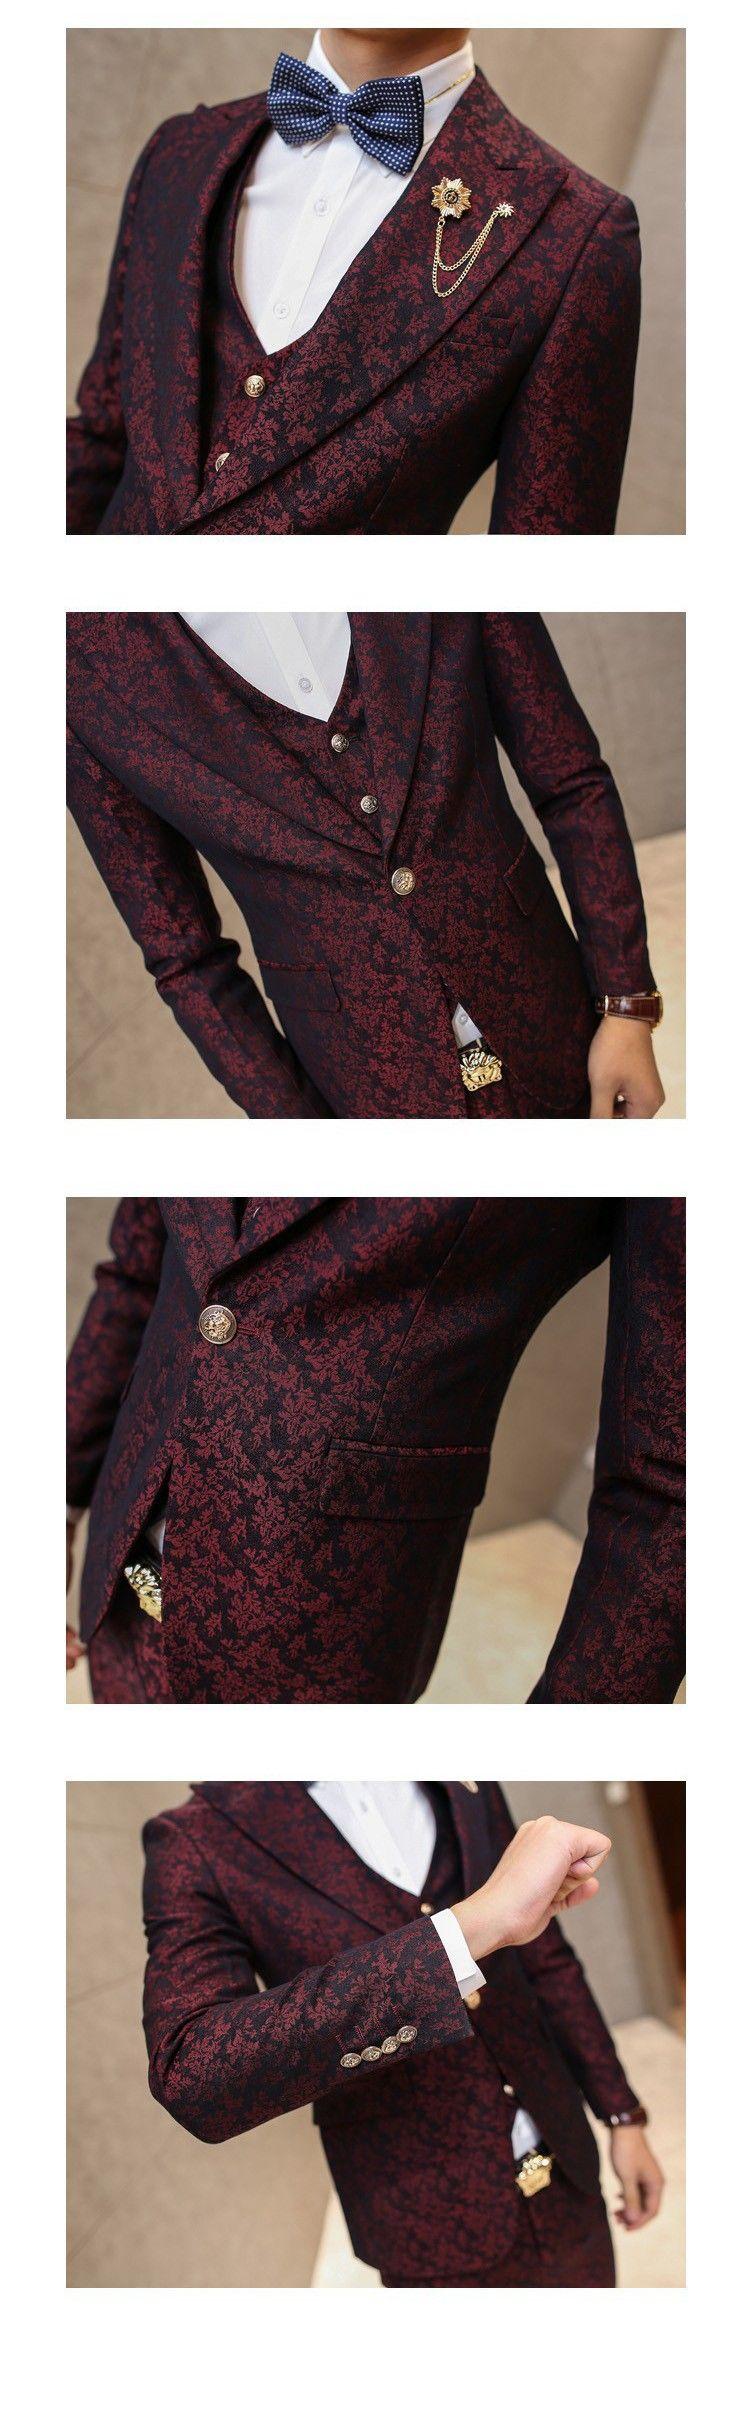 1a0ea2dcd34 MAUCHLEY Prom Mens Suit With Pants Burgundy Floral Jacquard Wedding Suits  for Men Slim Fit 3 Pieces   Set (Jacket+Vest+Pants)